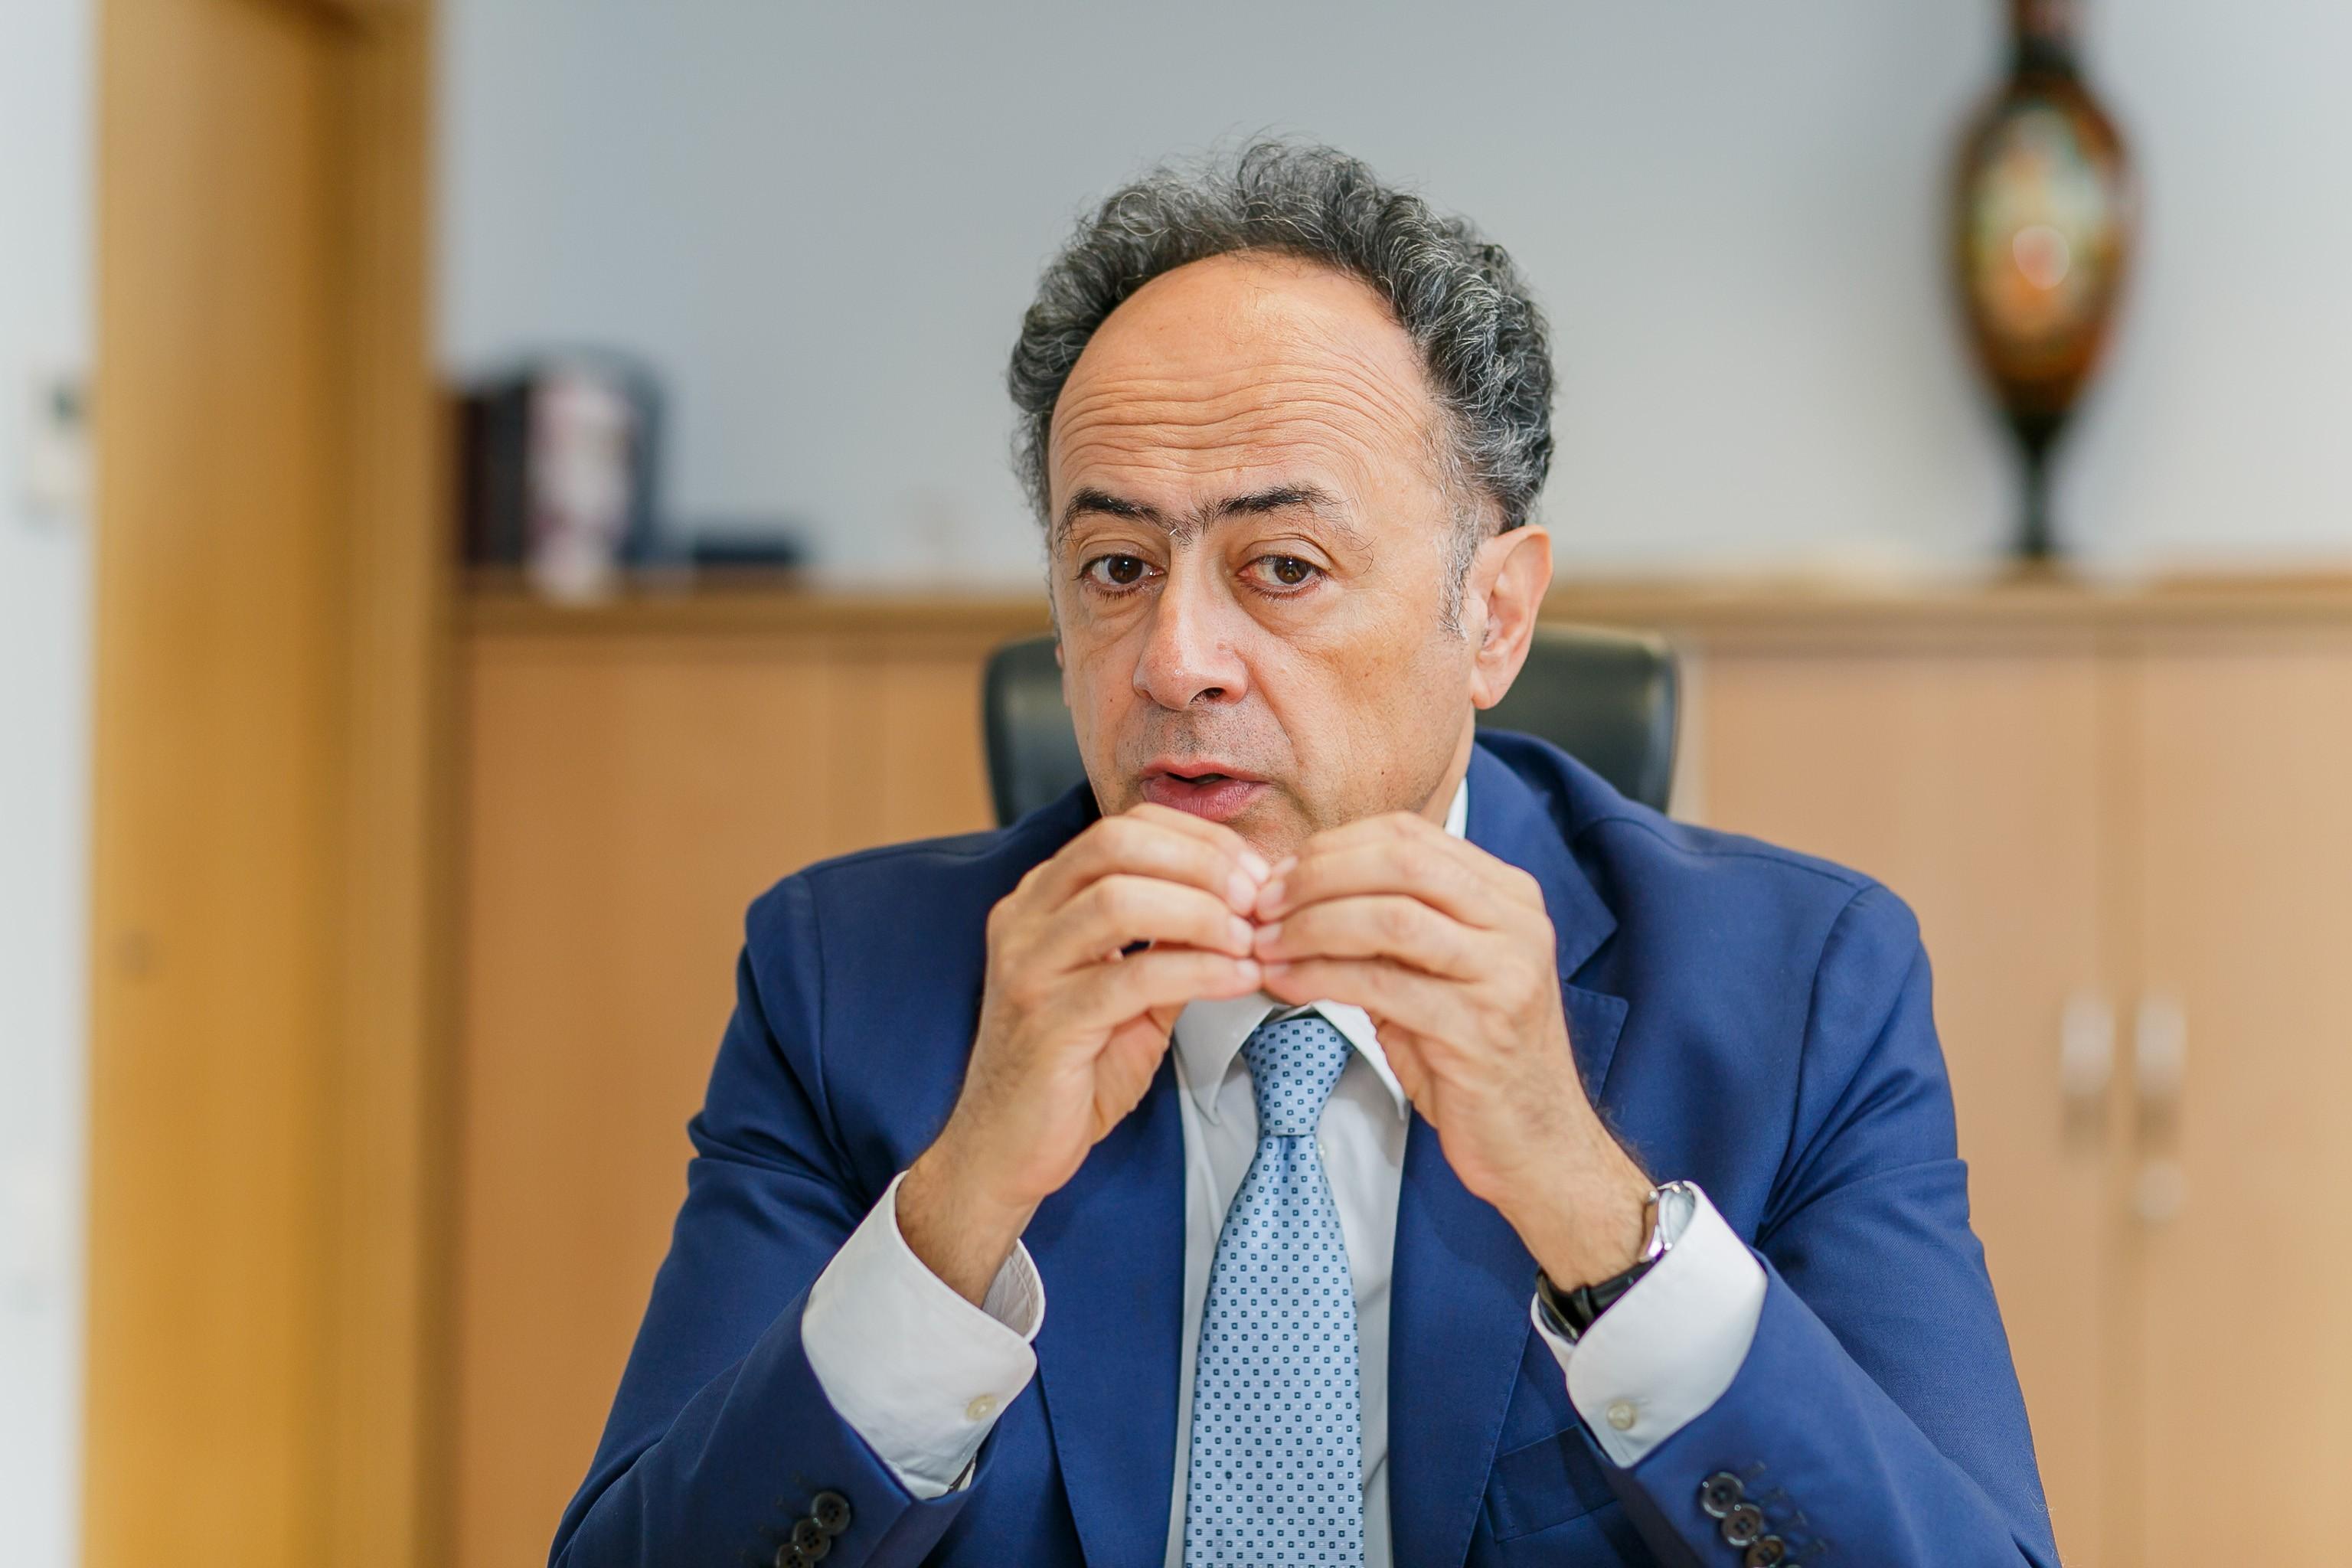 Европарламент одобрил расширение квот на импорт сельскохозяйственной продукции с Украины